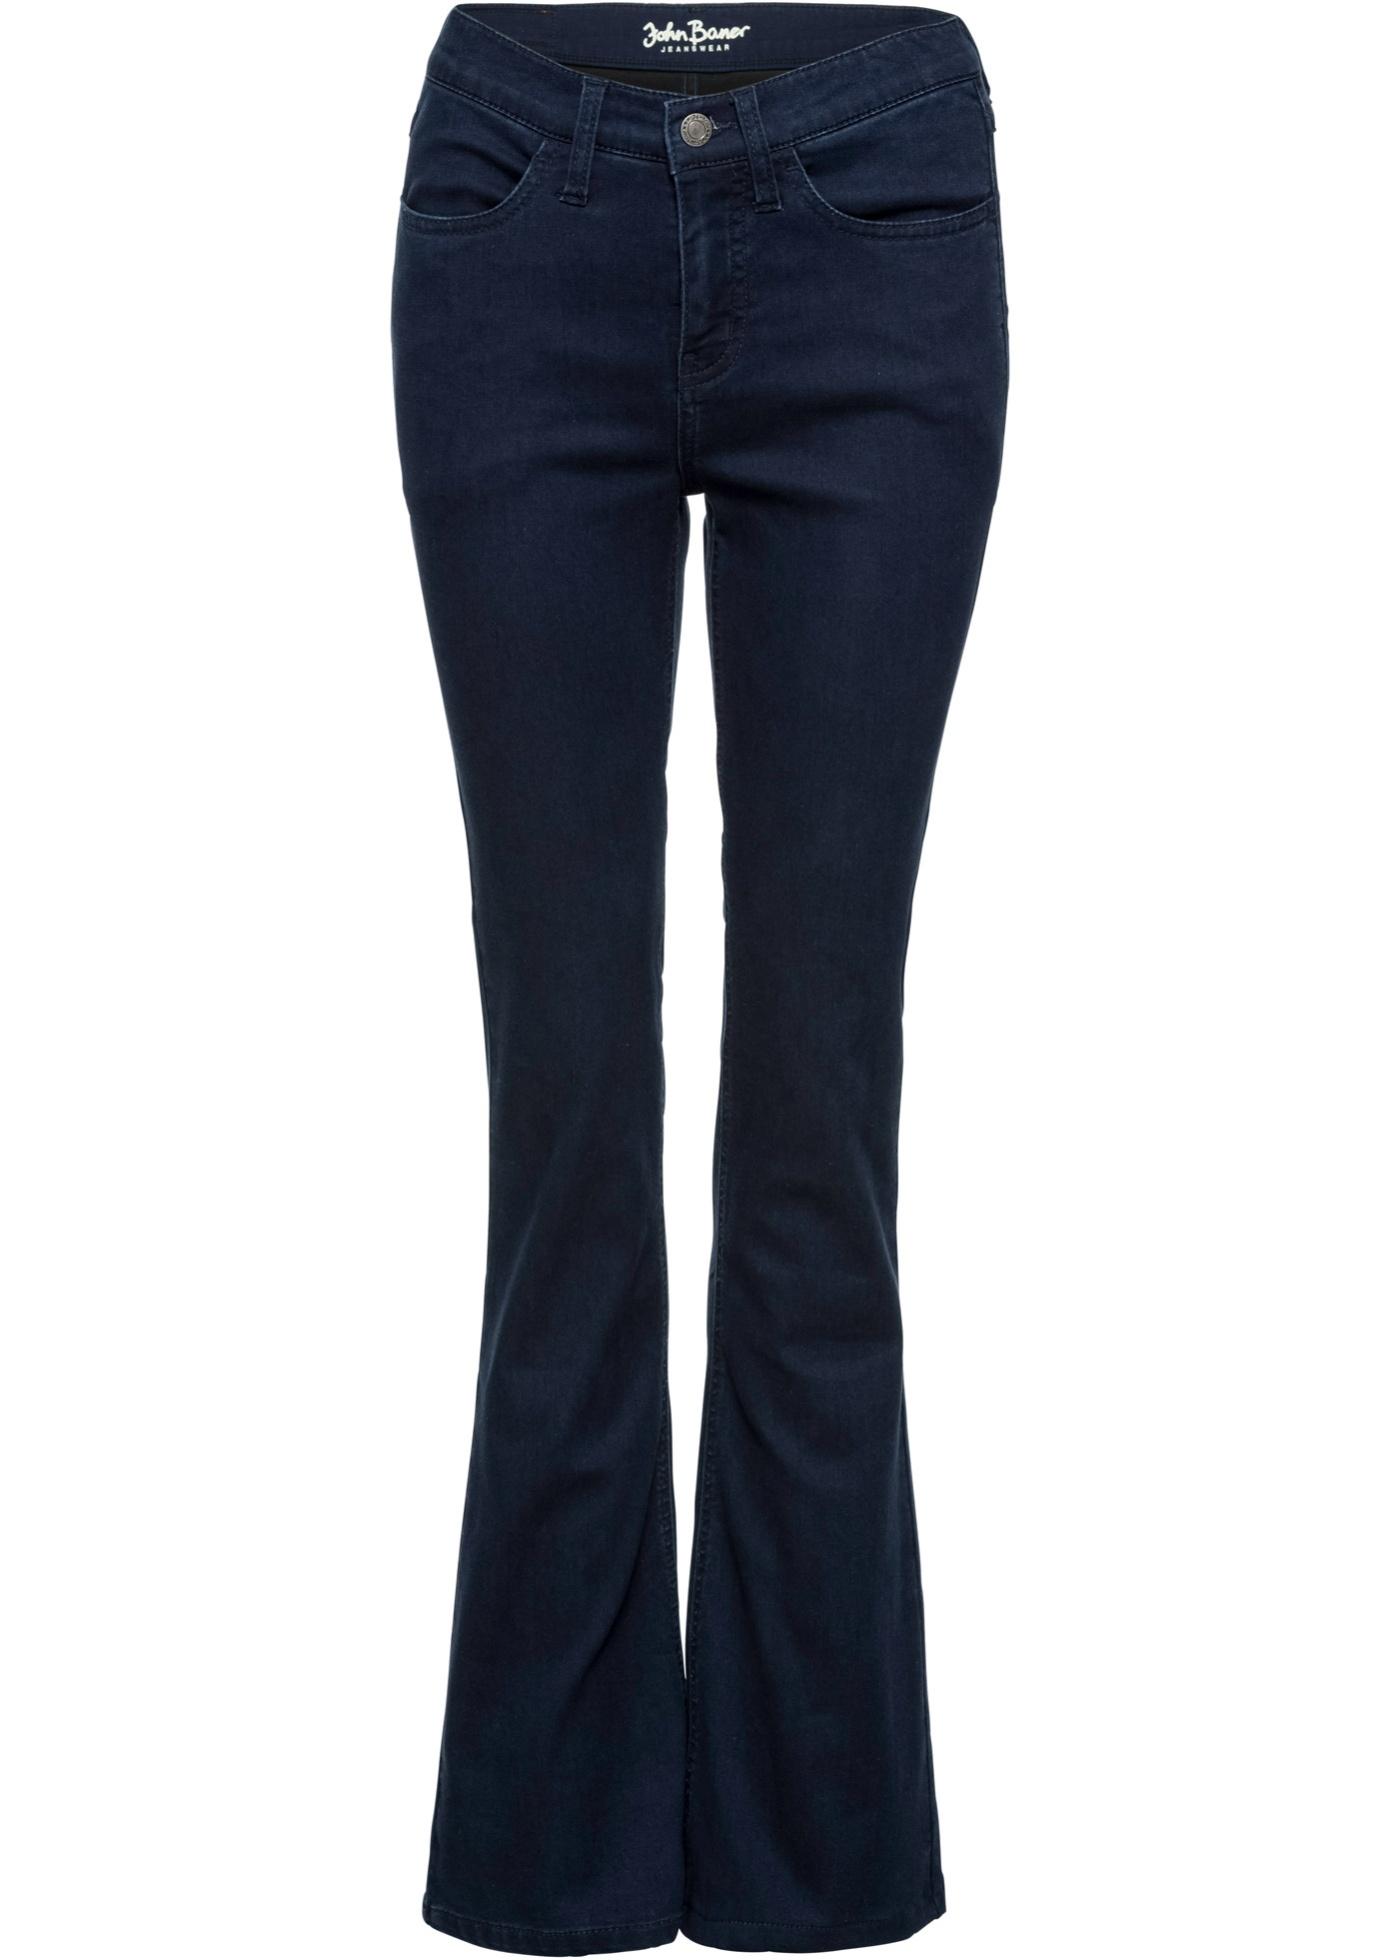 Jeanswear John BonprixJean Baner Bleu Super Pour Femme ThermoBootcut stretch jL4RA53